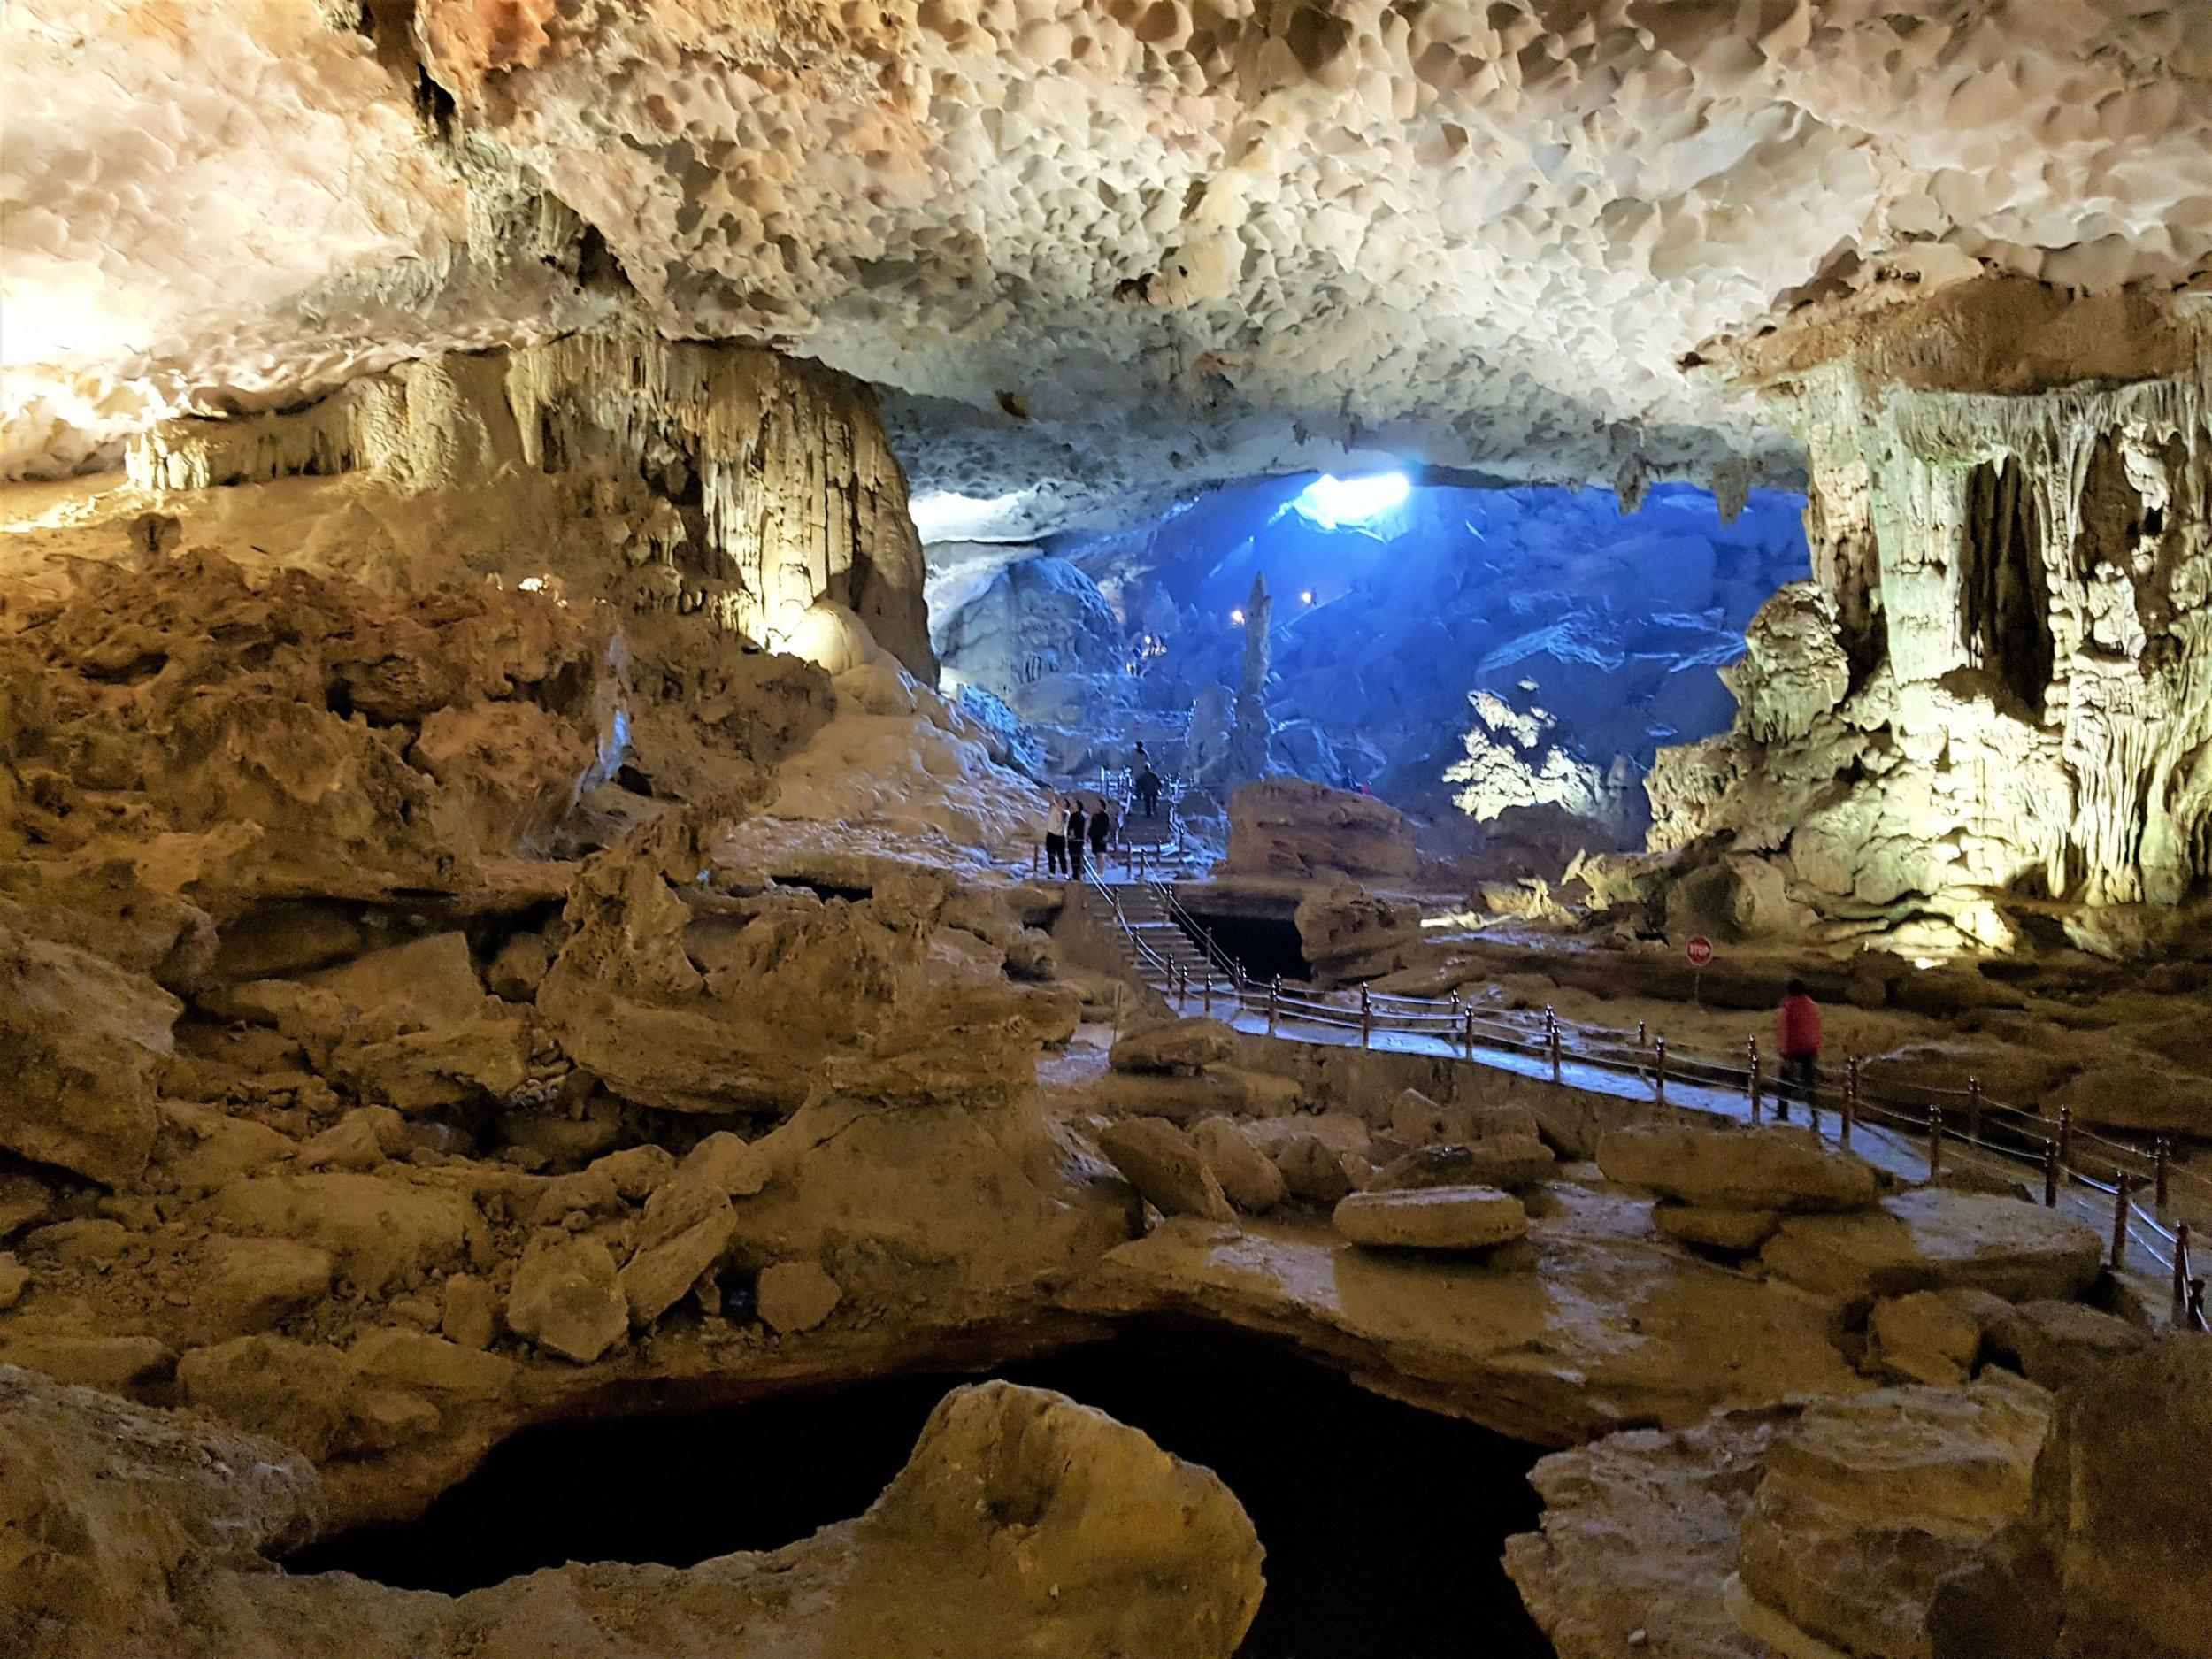 Sung Pot (surprise) limestone cave